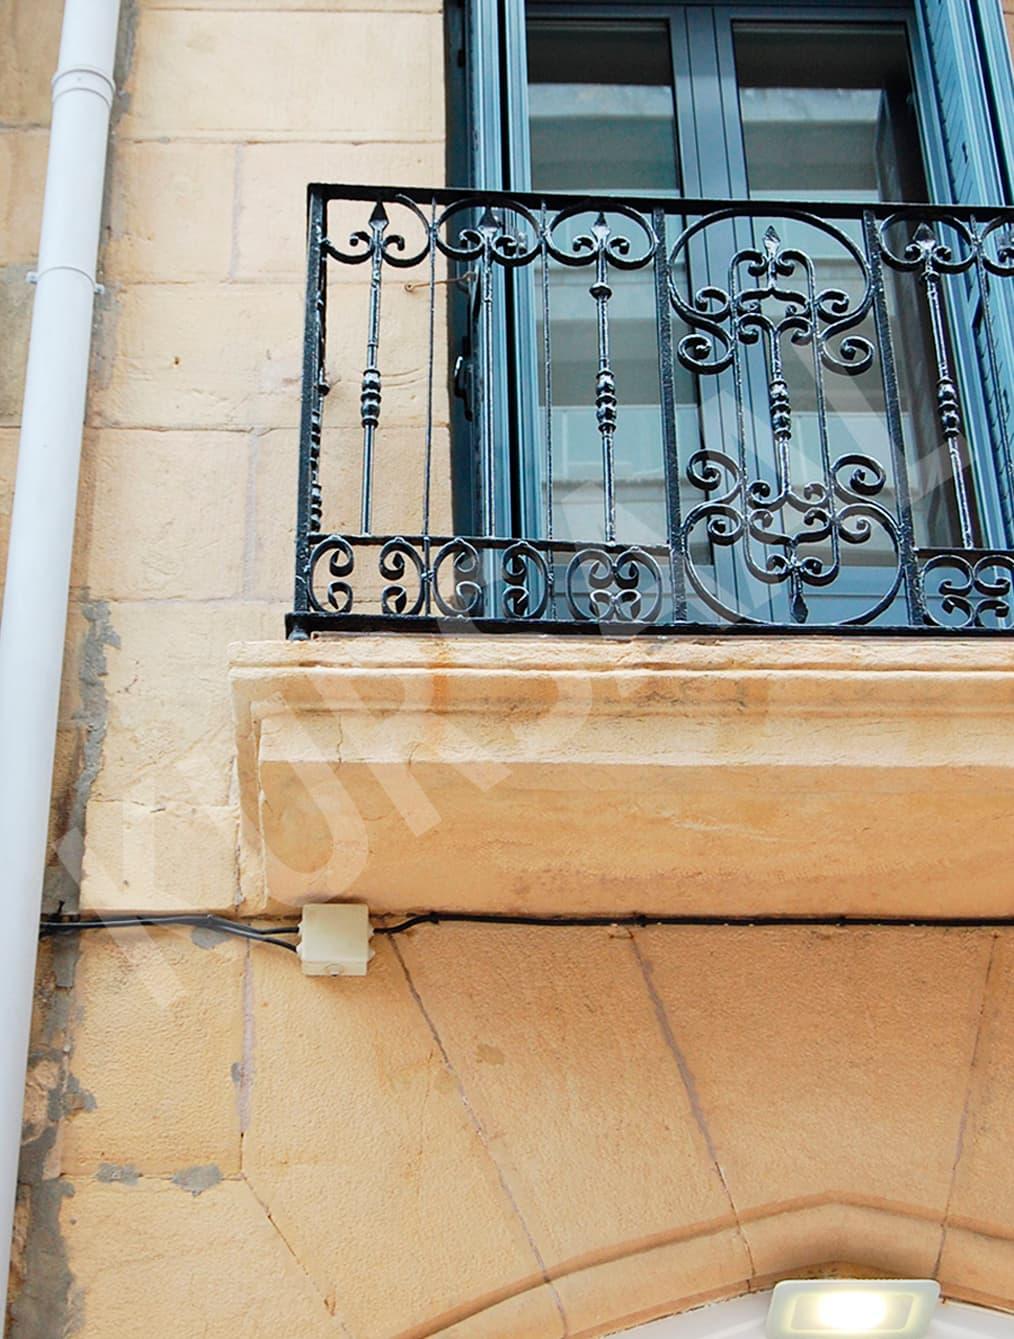 foto 4 - Restauración y patrimonio-Triunfo 3-DONOSTIA, GIPUZKOA